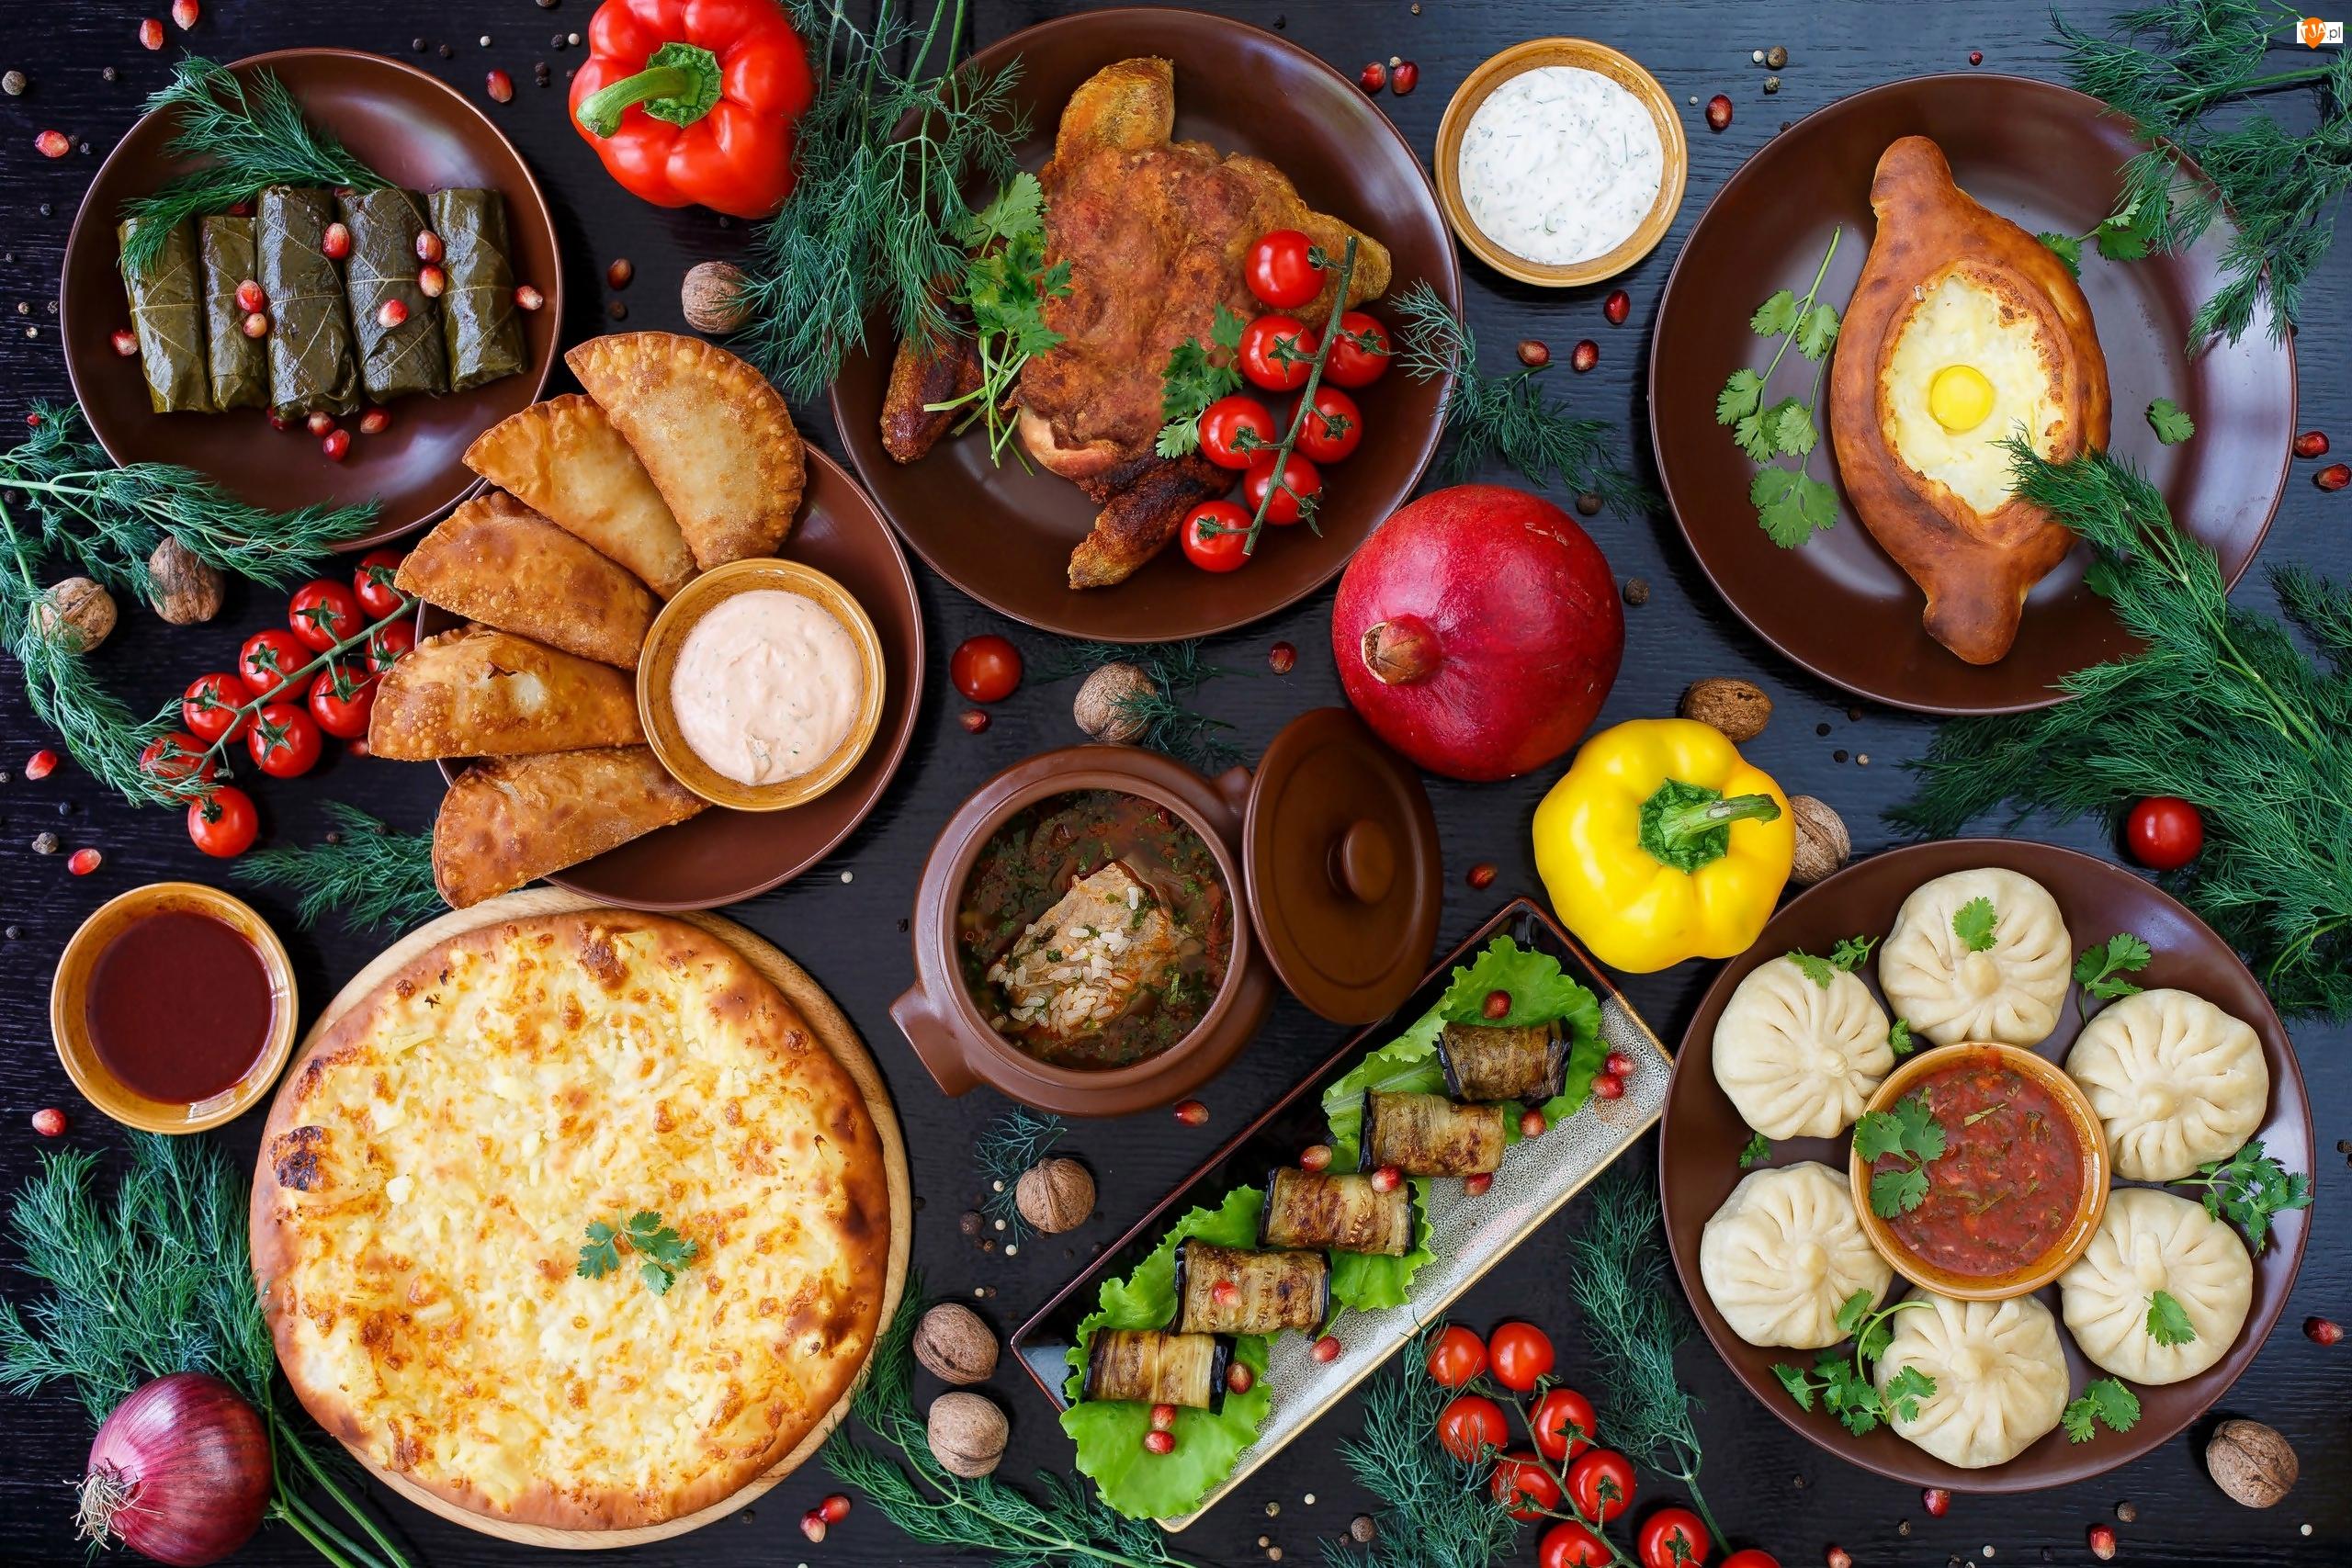 Potrawy, Jedzenie, Mięso, Miski, Pierogi, Warzywa